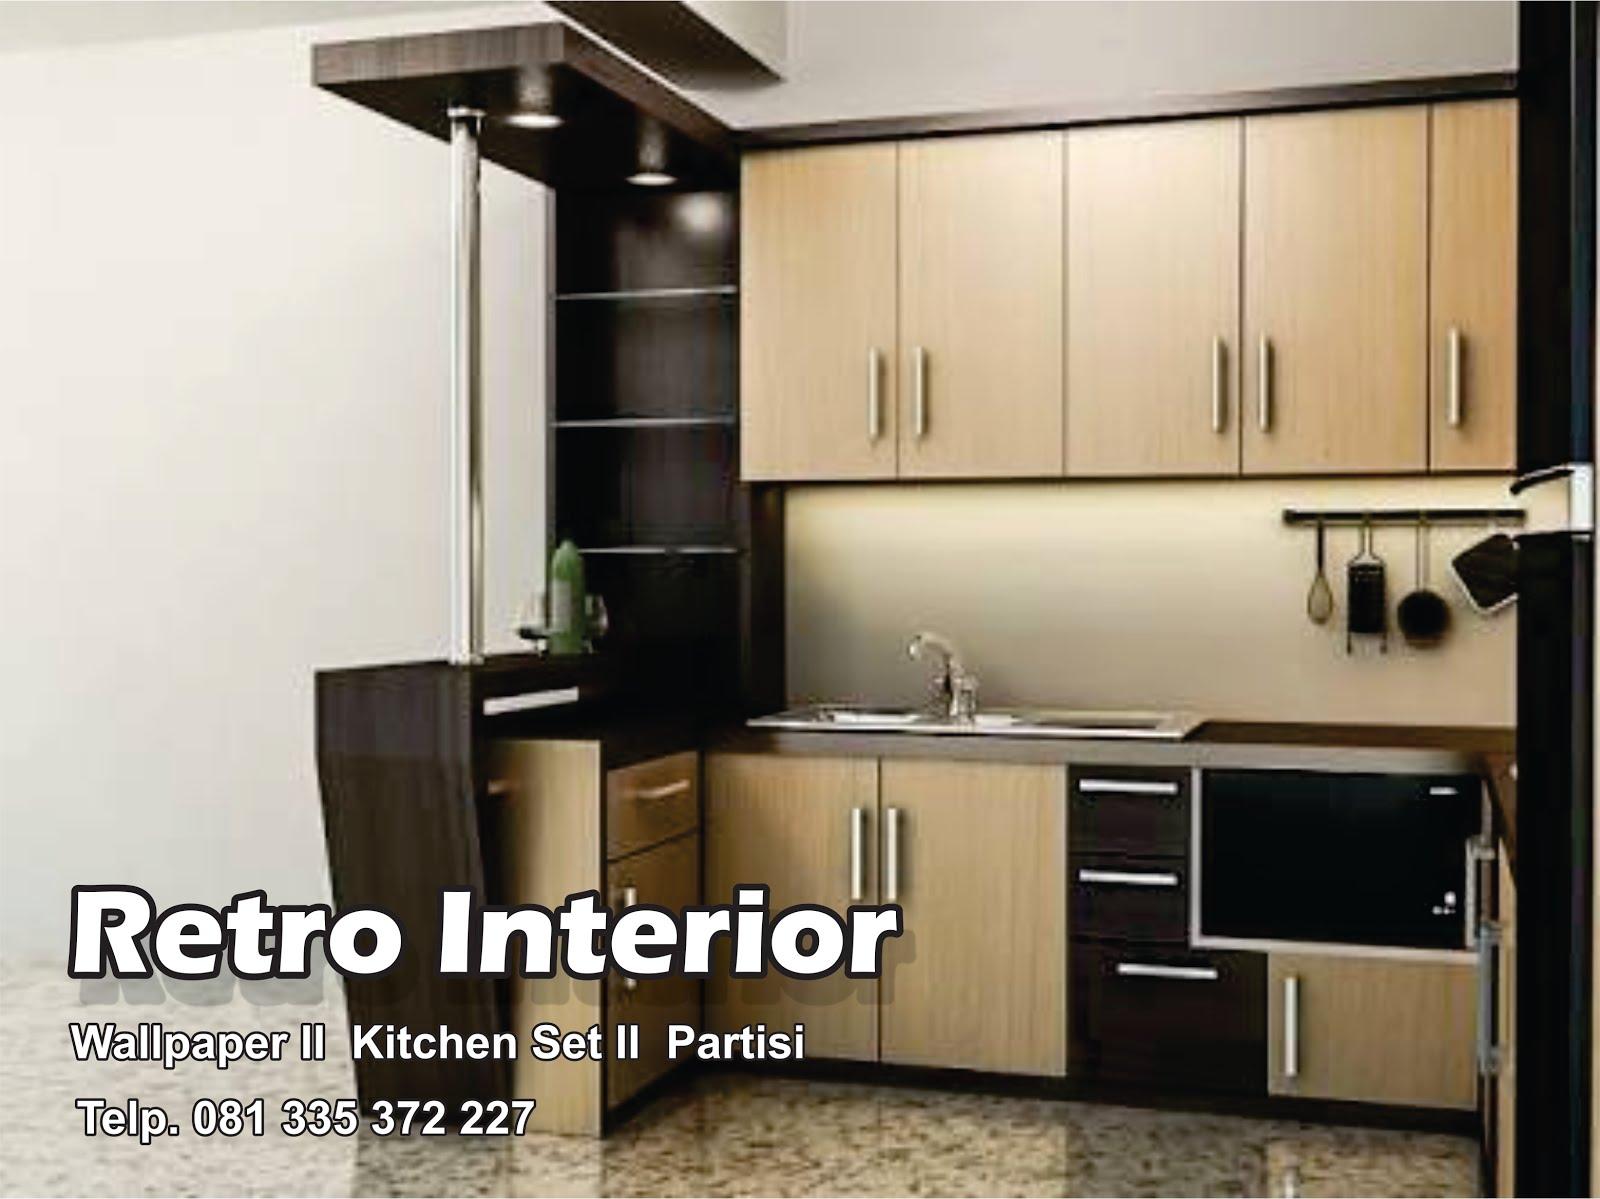 Toko wallpaper dinding madiun 085232712227 085607682227 hpl harga kitchen set 2017 per meter